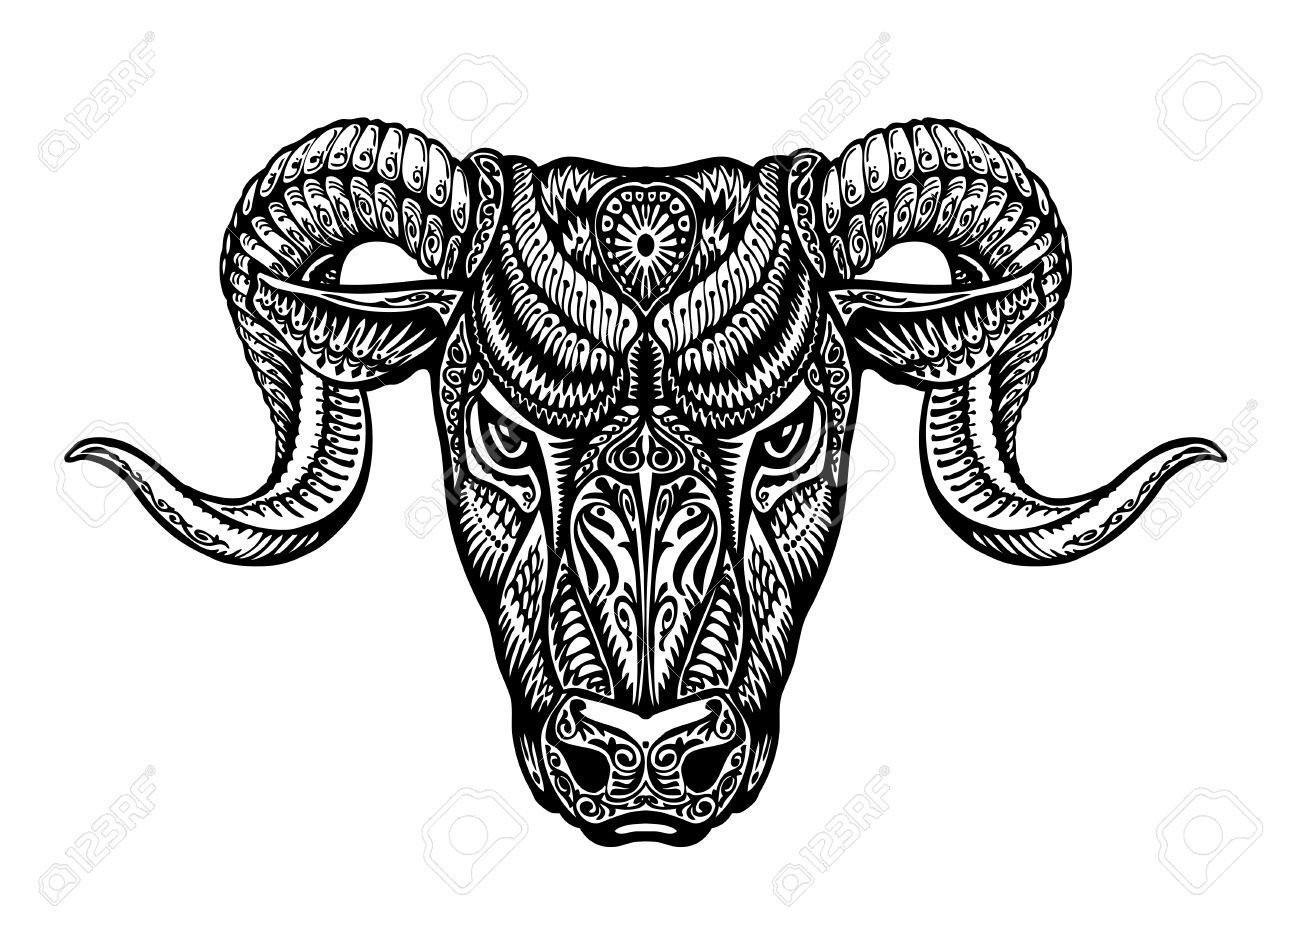 1300x949 Drawn Bull Vector 3271563